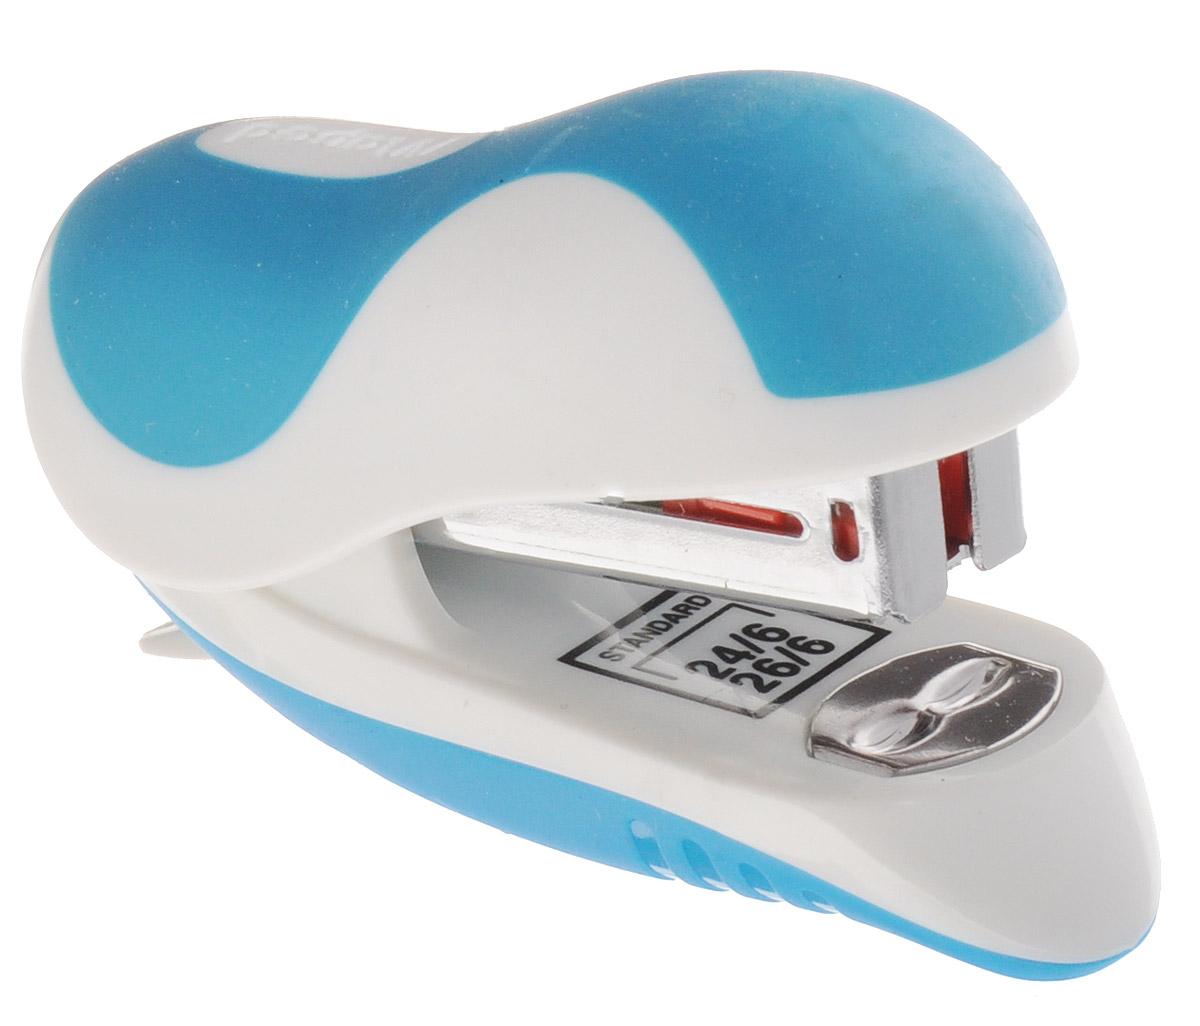 Maped Степлер Ergologic-mini для скоб 24/6 и 26/6 цвет голубой 352111_голубой